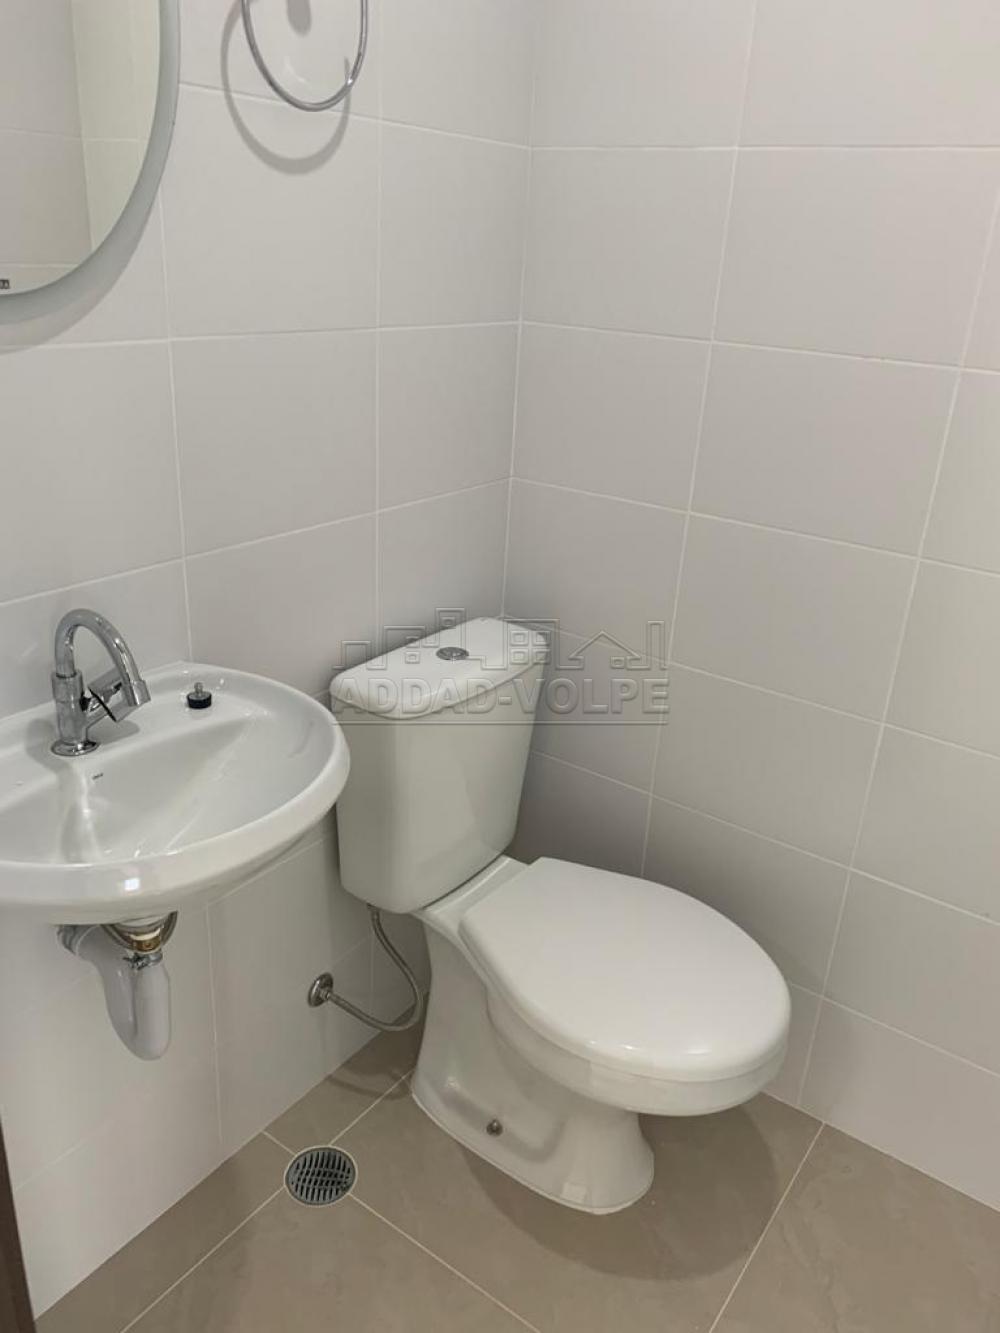 Alugar Comercial / Sala em Condomínio em Bauru apenas R$ 900,00 - Foto 6